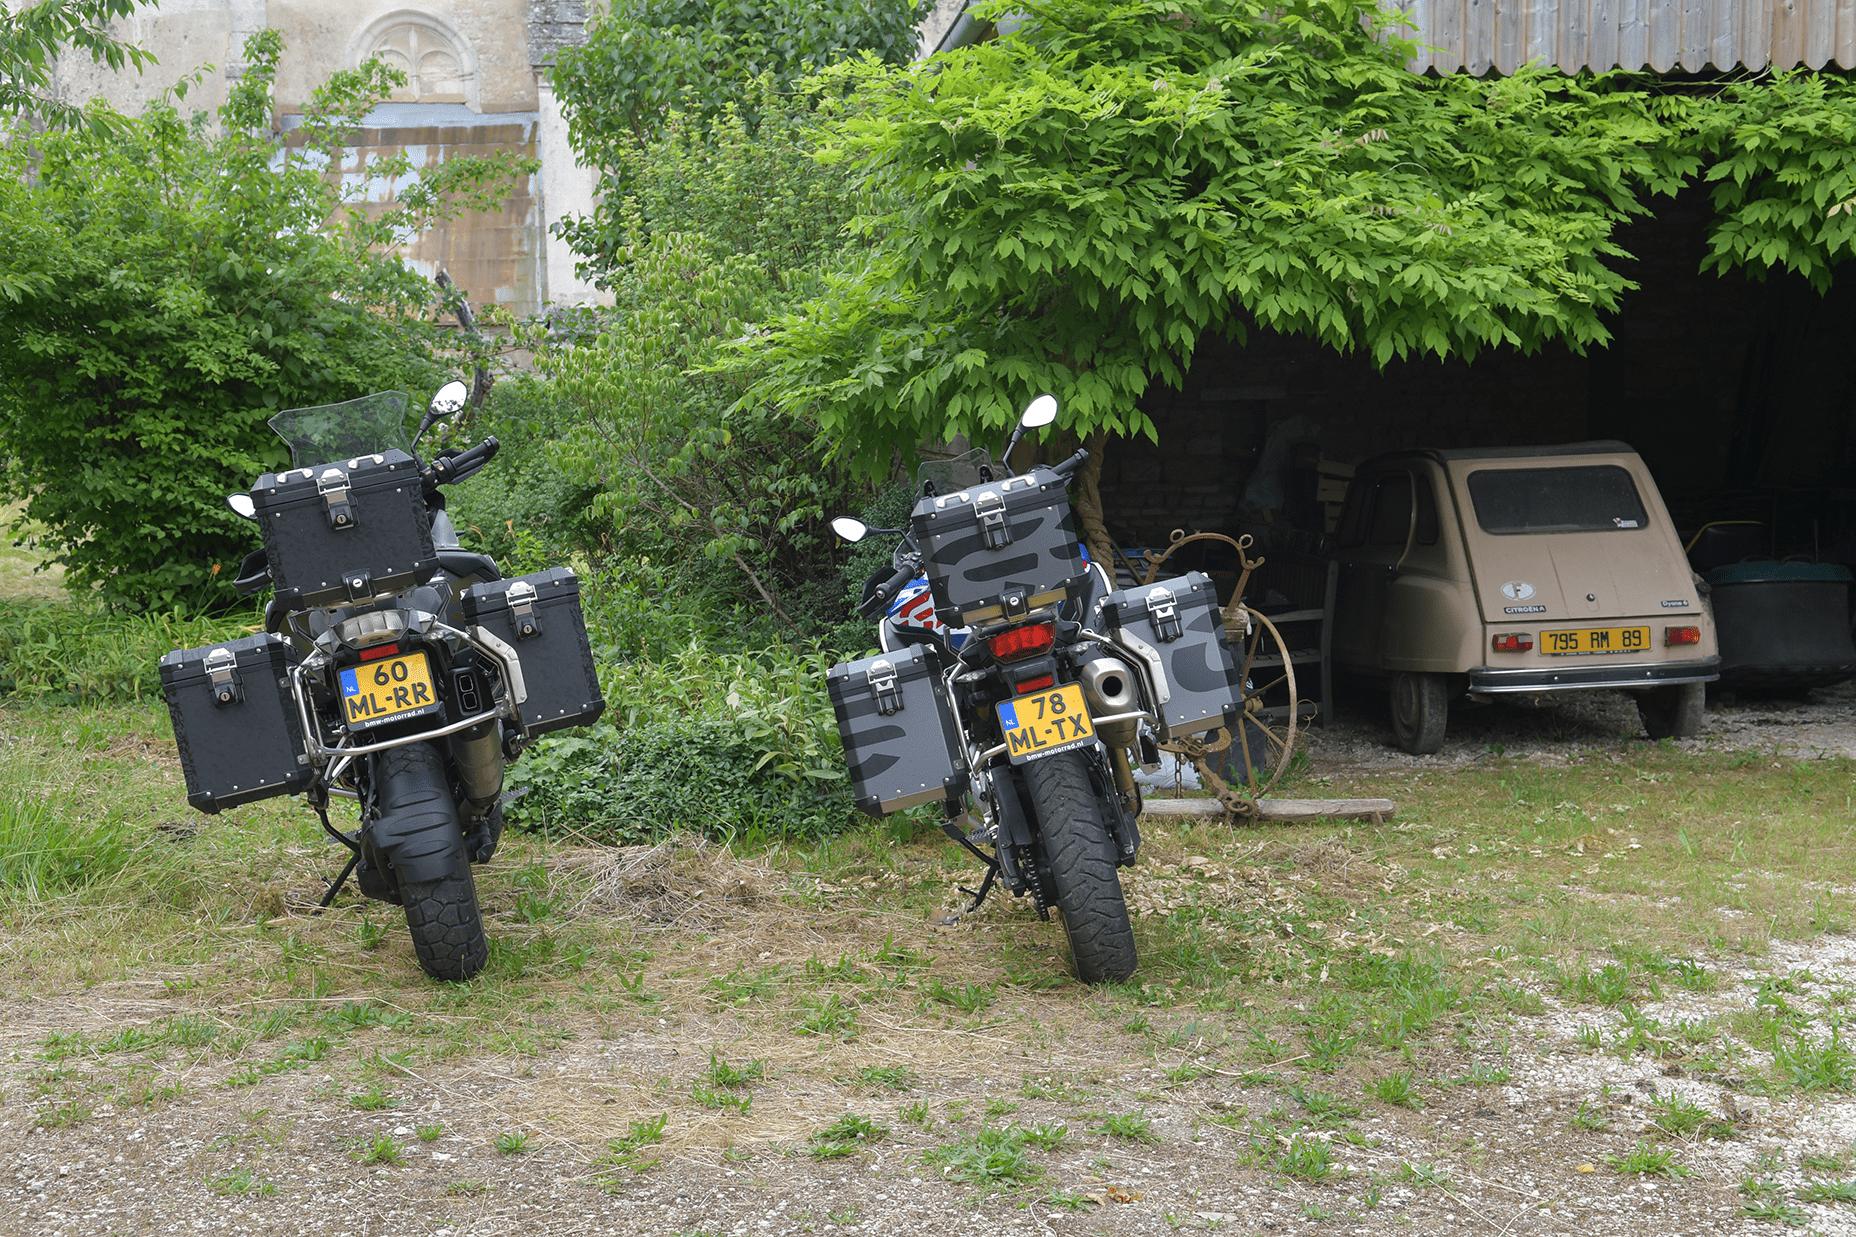 Naar Bourgogne met een BMW F 850 GS en R 1250 GS